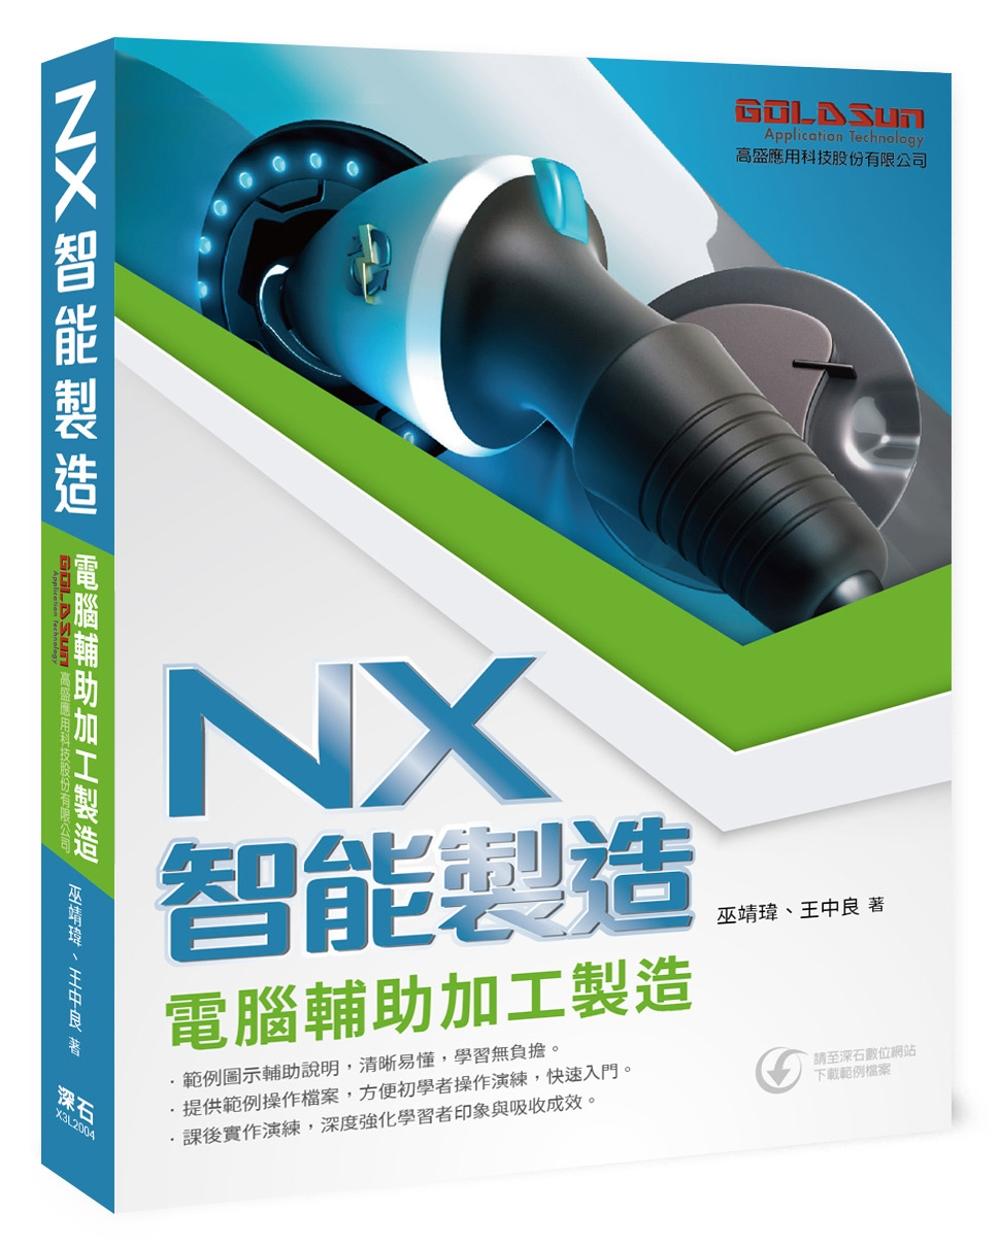 NX智能製造:電腦輔助加工製造